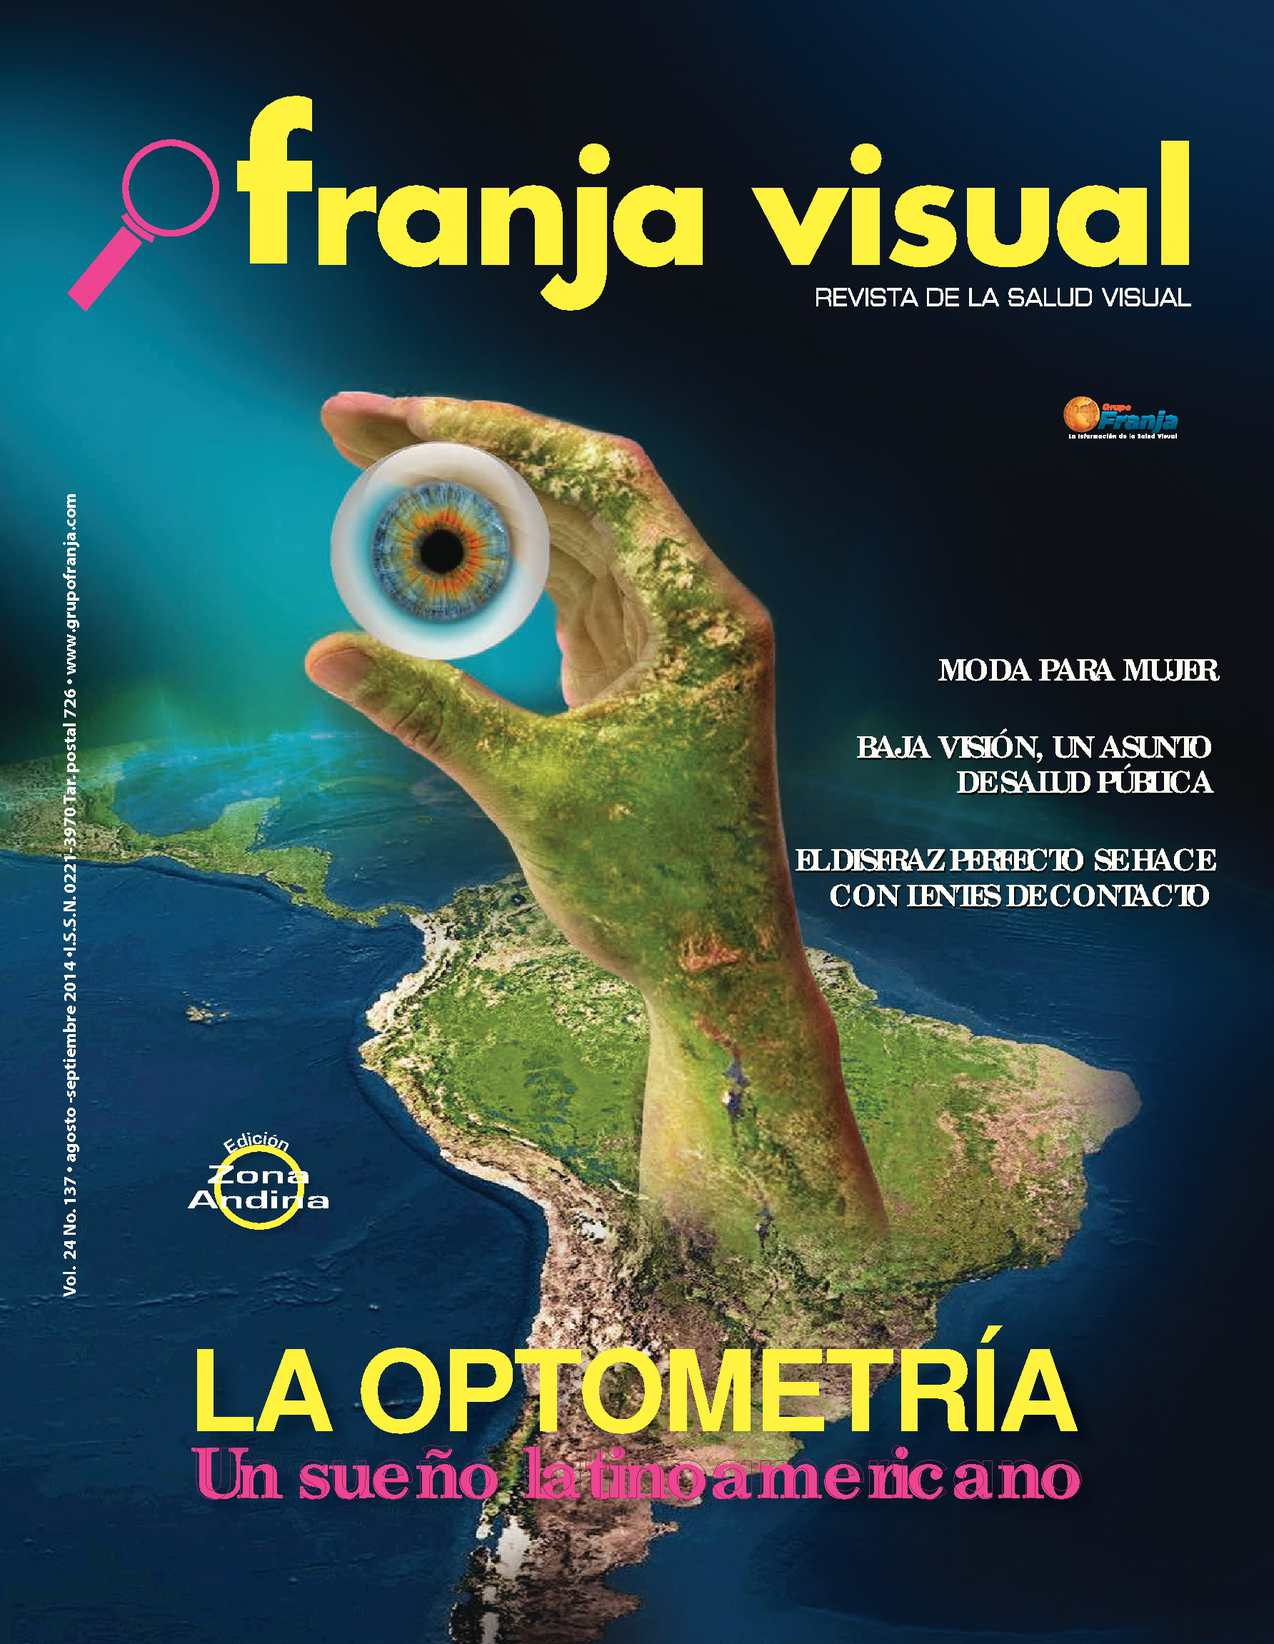 Calaméo - Franja Visual 137 768e8fa1e50